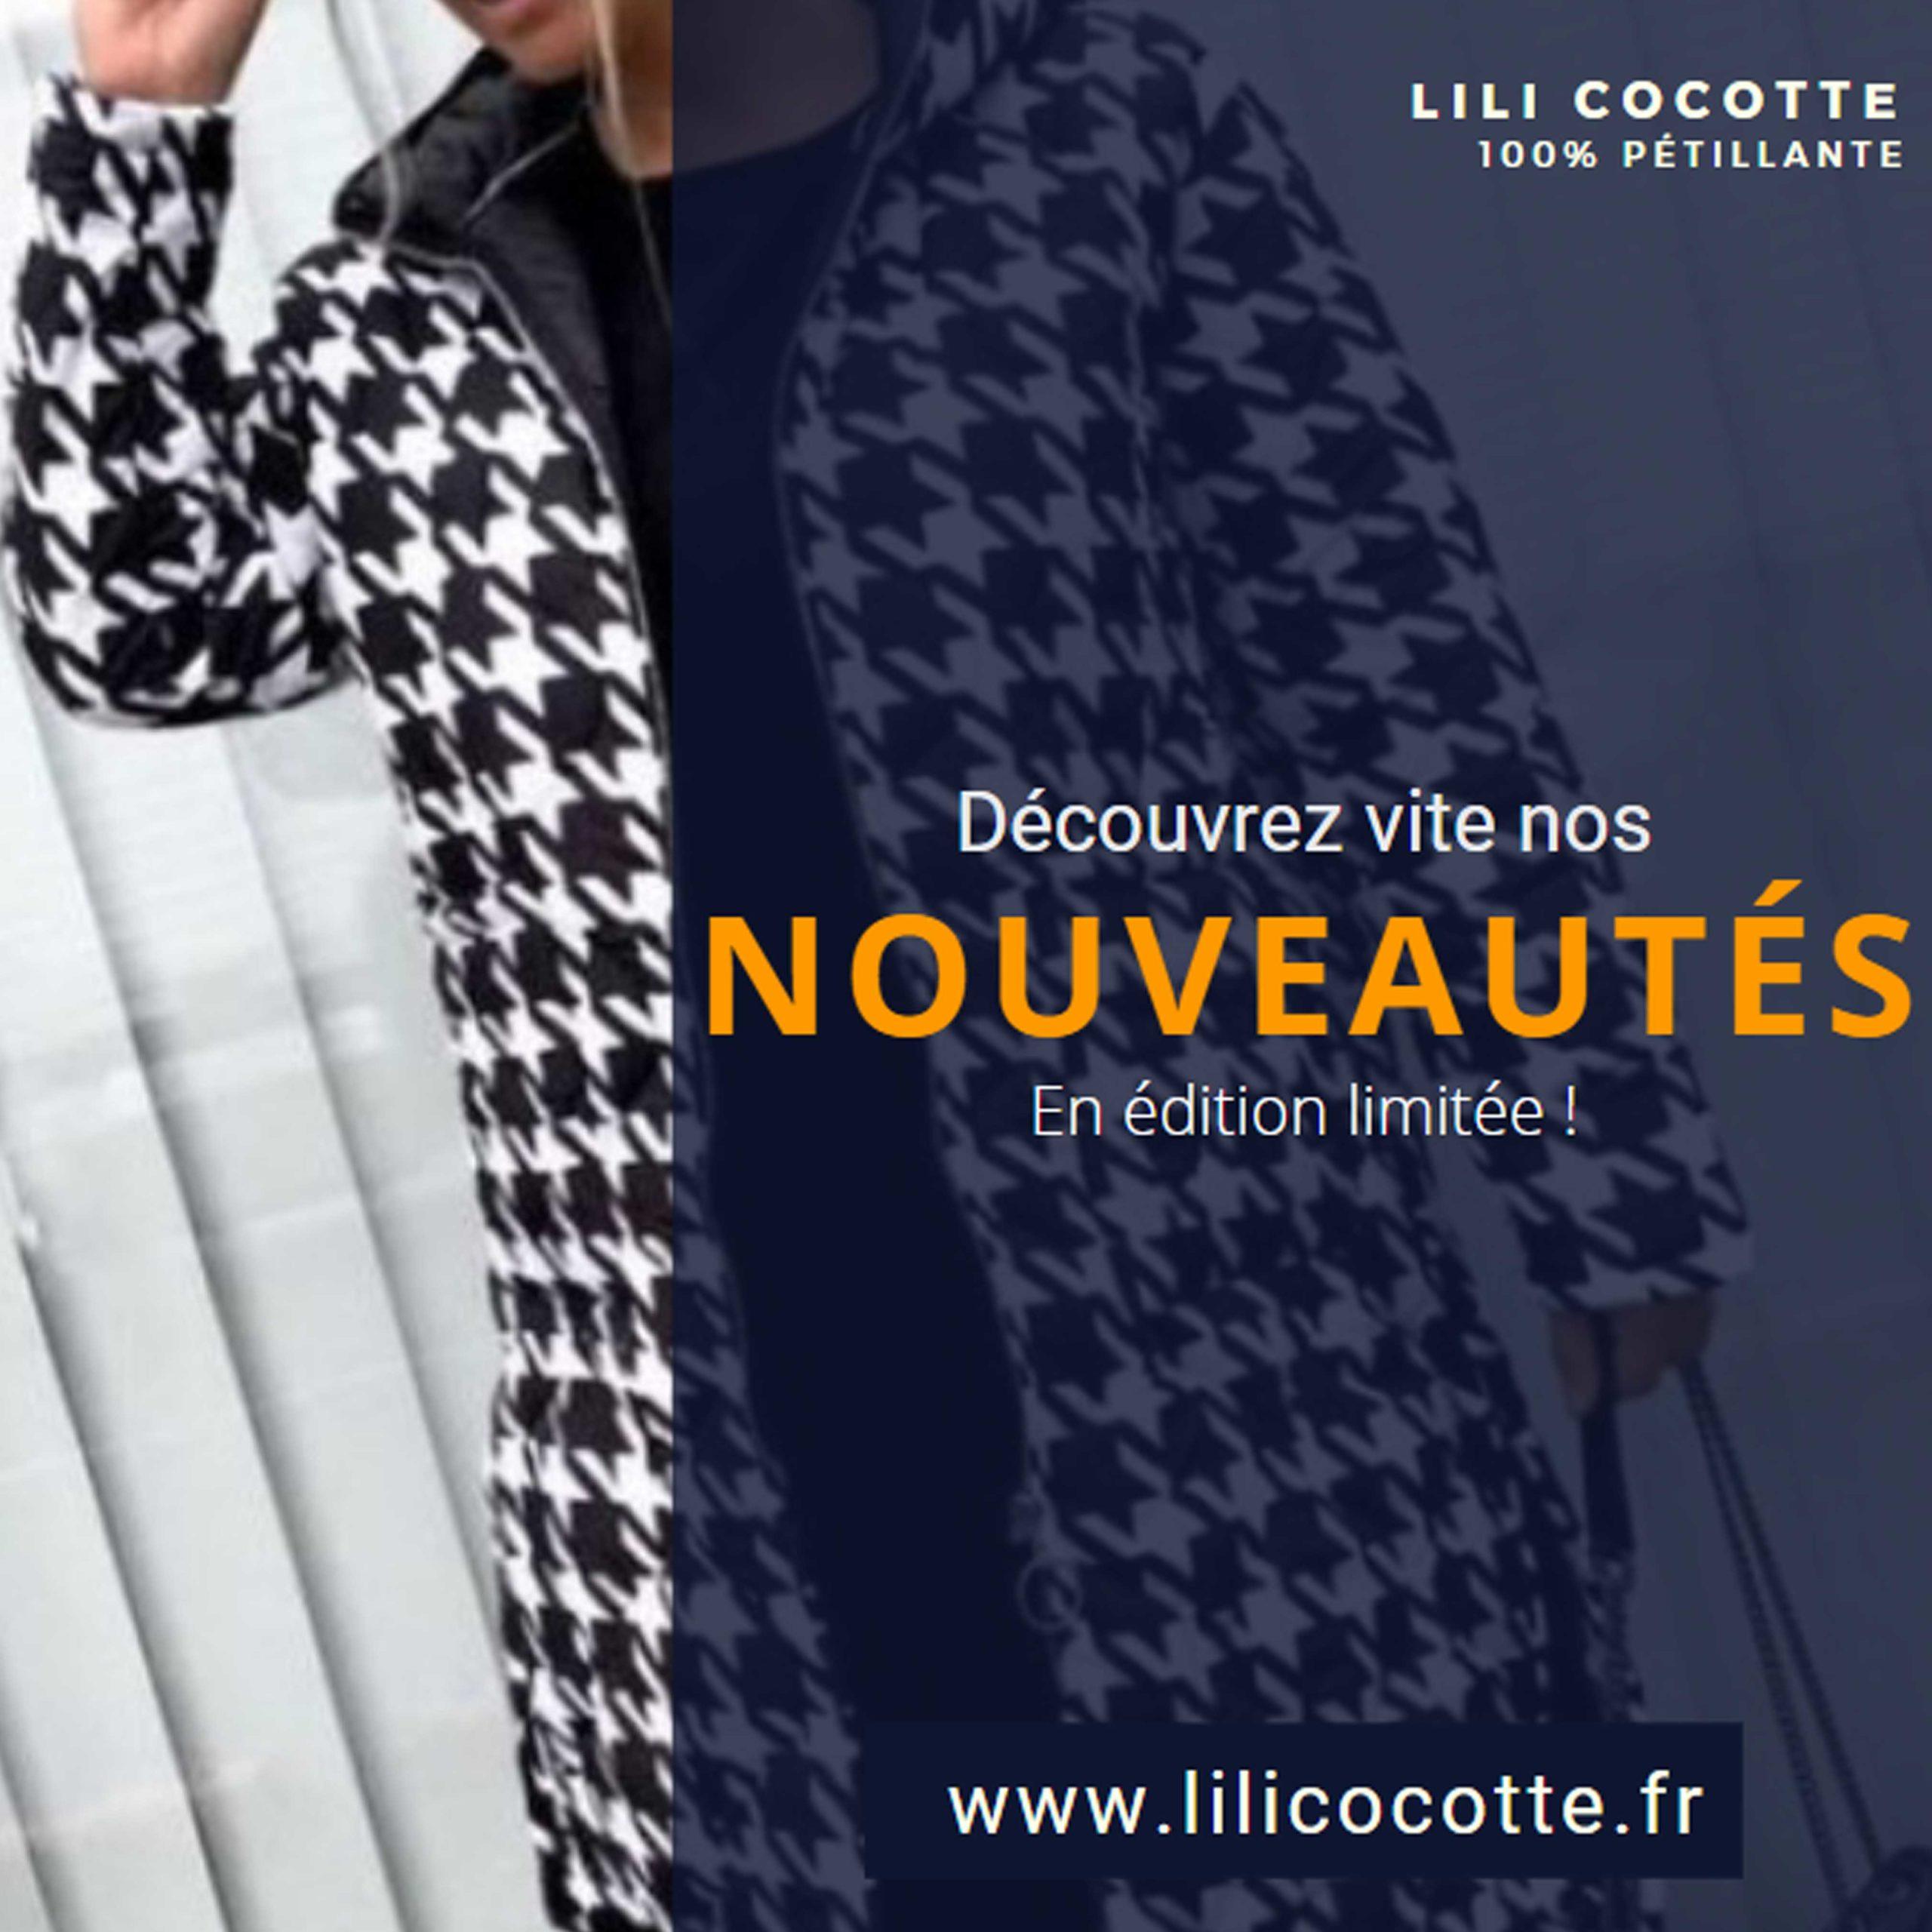 Publication Nouveauté – Lili Cocotte - Delphine PENGUILLY - agence marketing digital Nantes